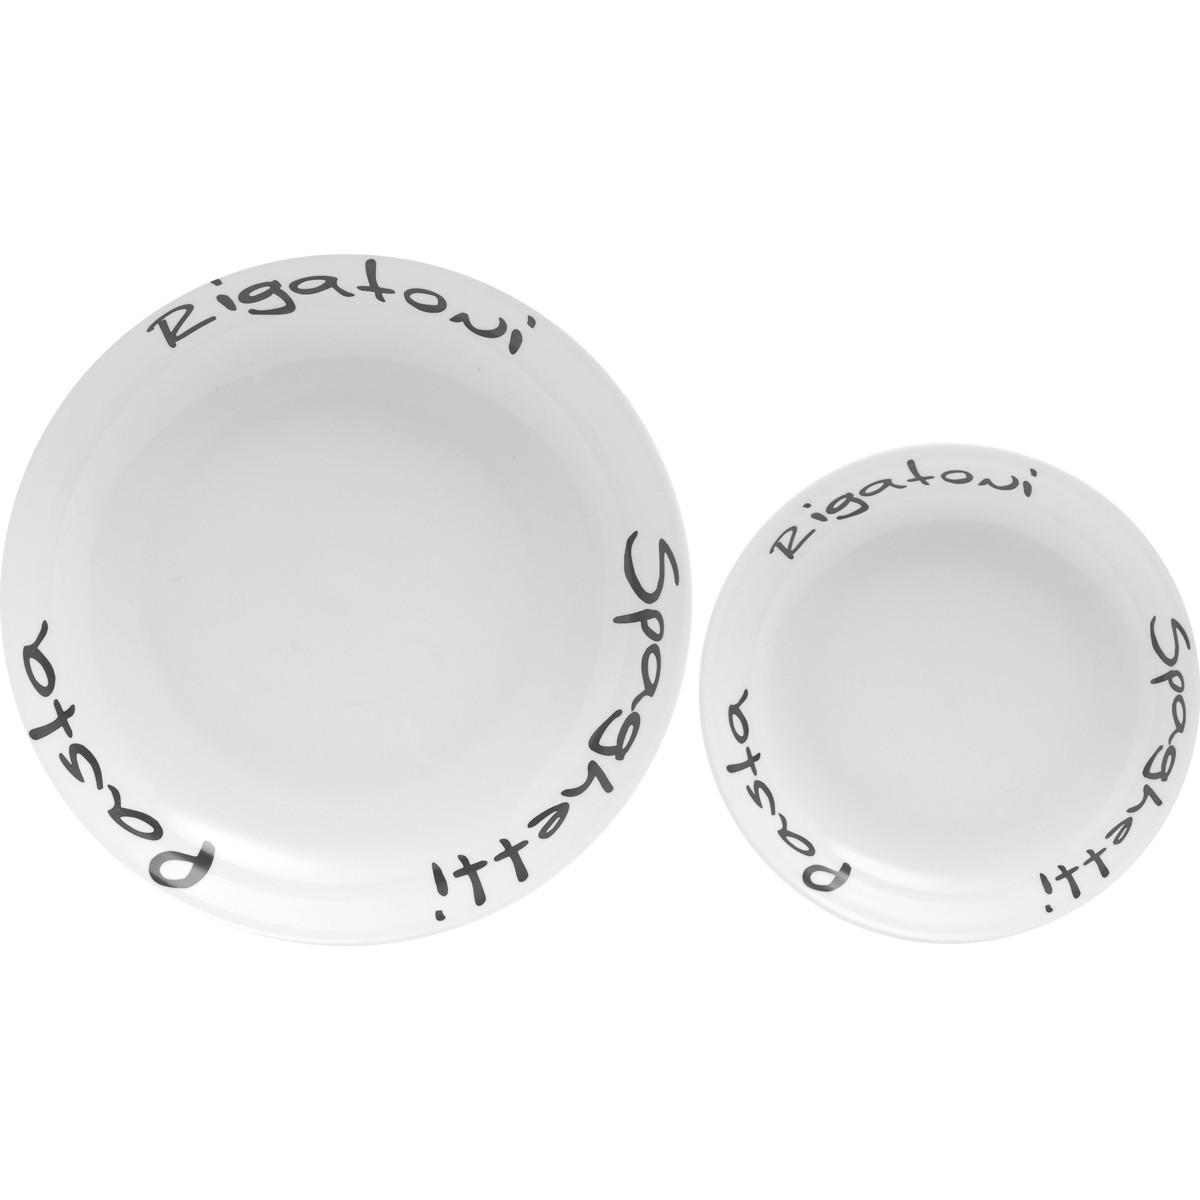 Πιάτα Φαγητού Βαθιά + Μπωλιέρα (Σετ) Home Design LEB1302/7